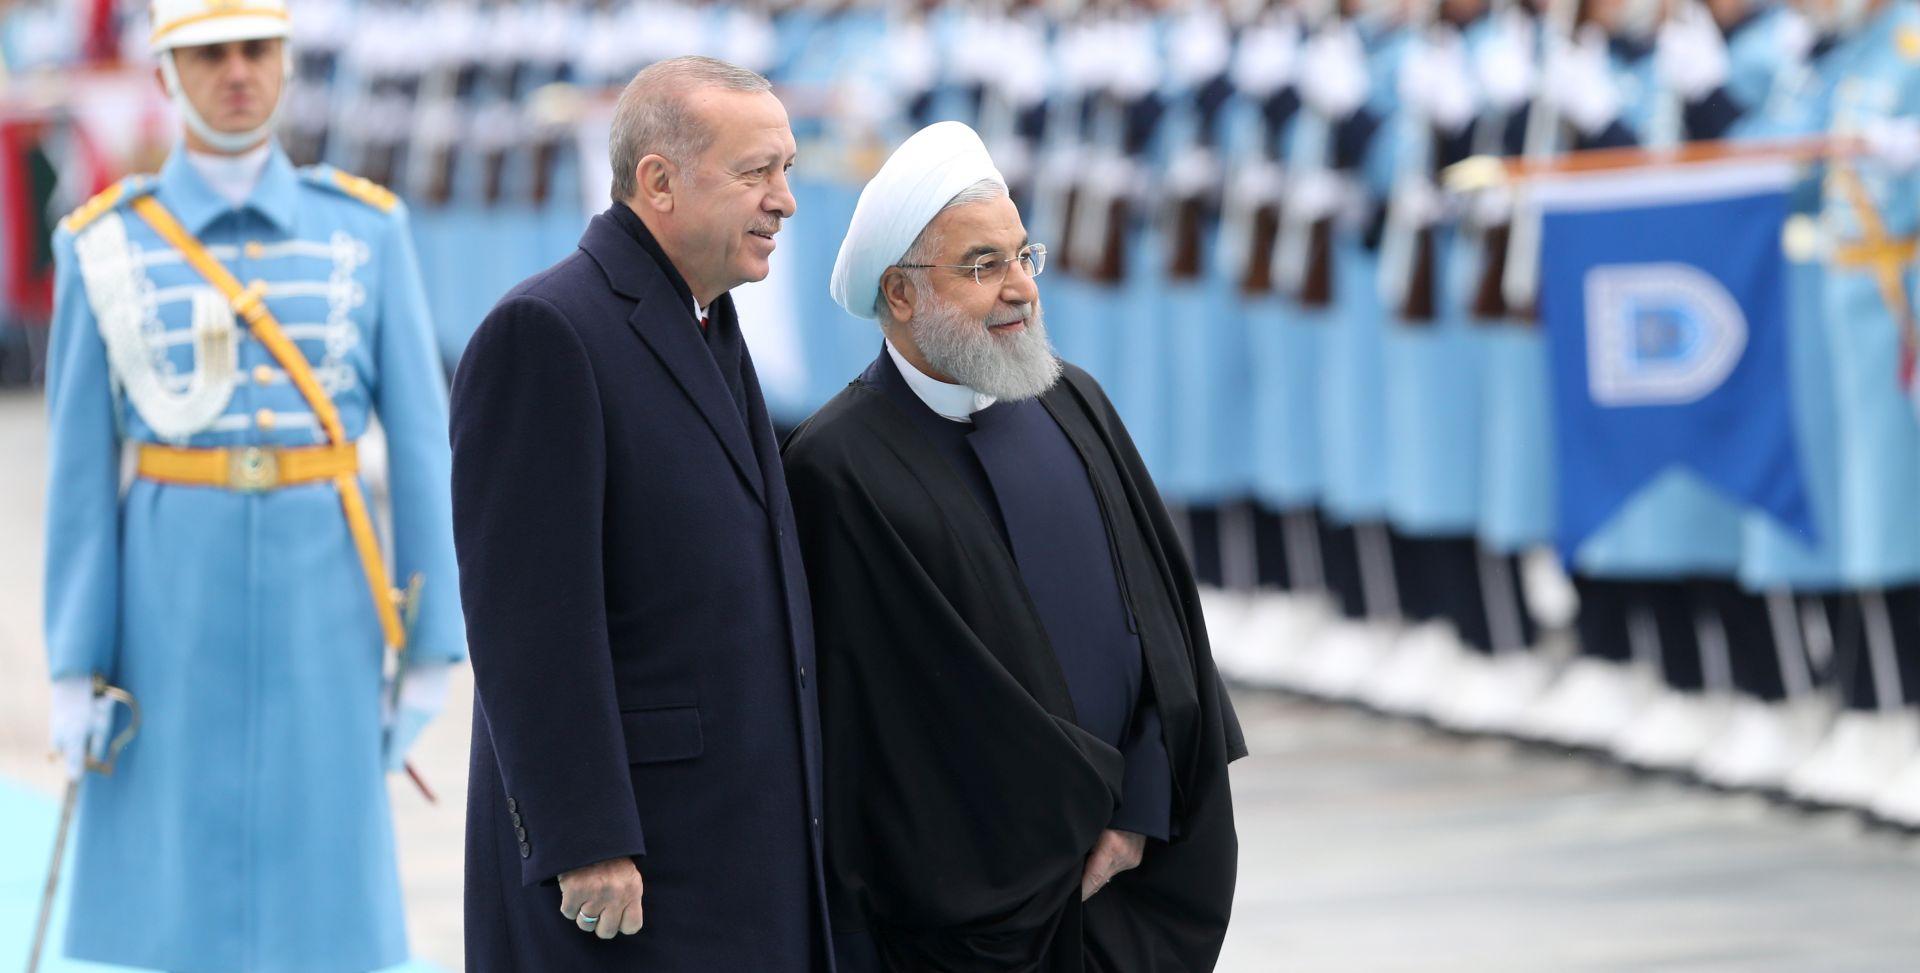 Turska suspendirala televizijske emisije zbog kritiziranja Erdogana